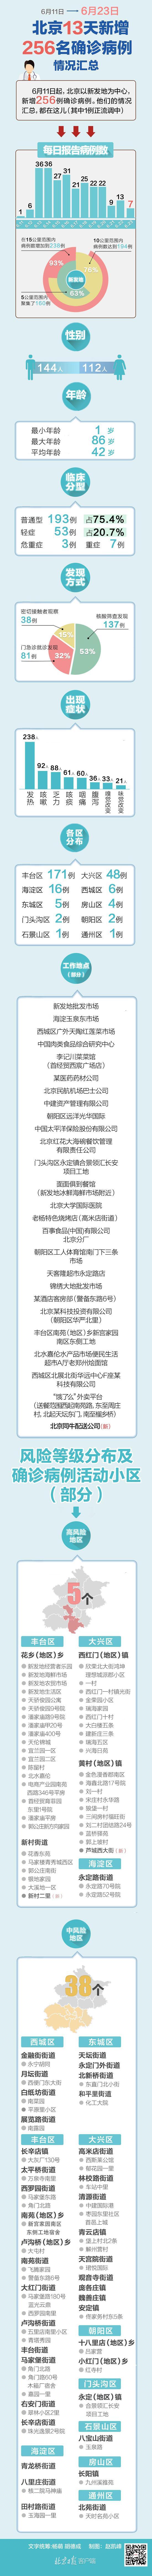 一图尽览北京256名确诊病例情况汇总 更多数据公开图片